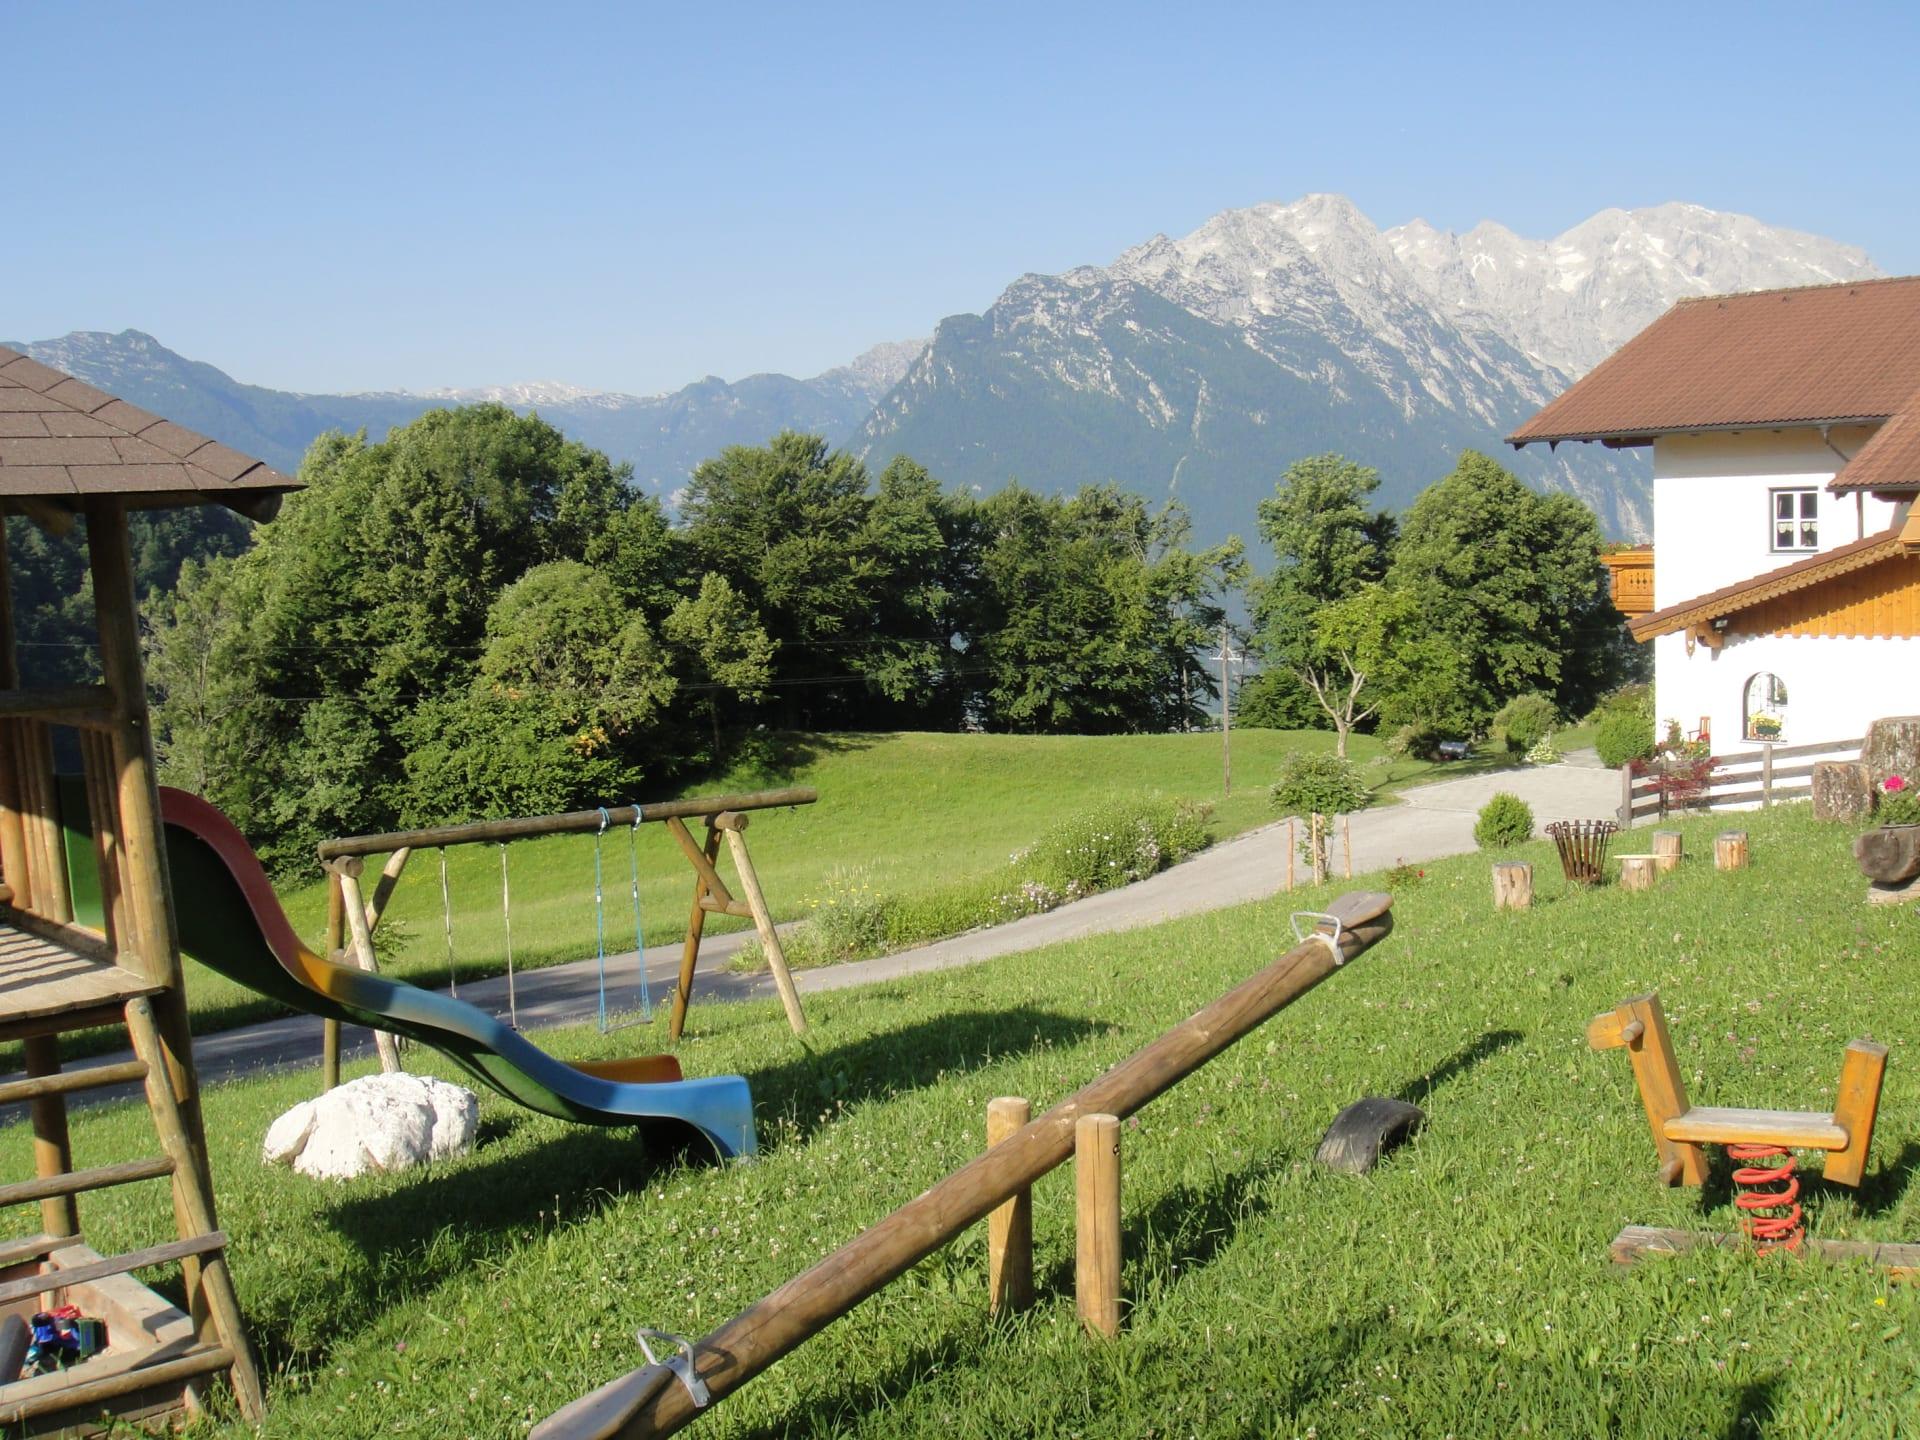 Spielplatz mit Haus